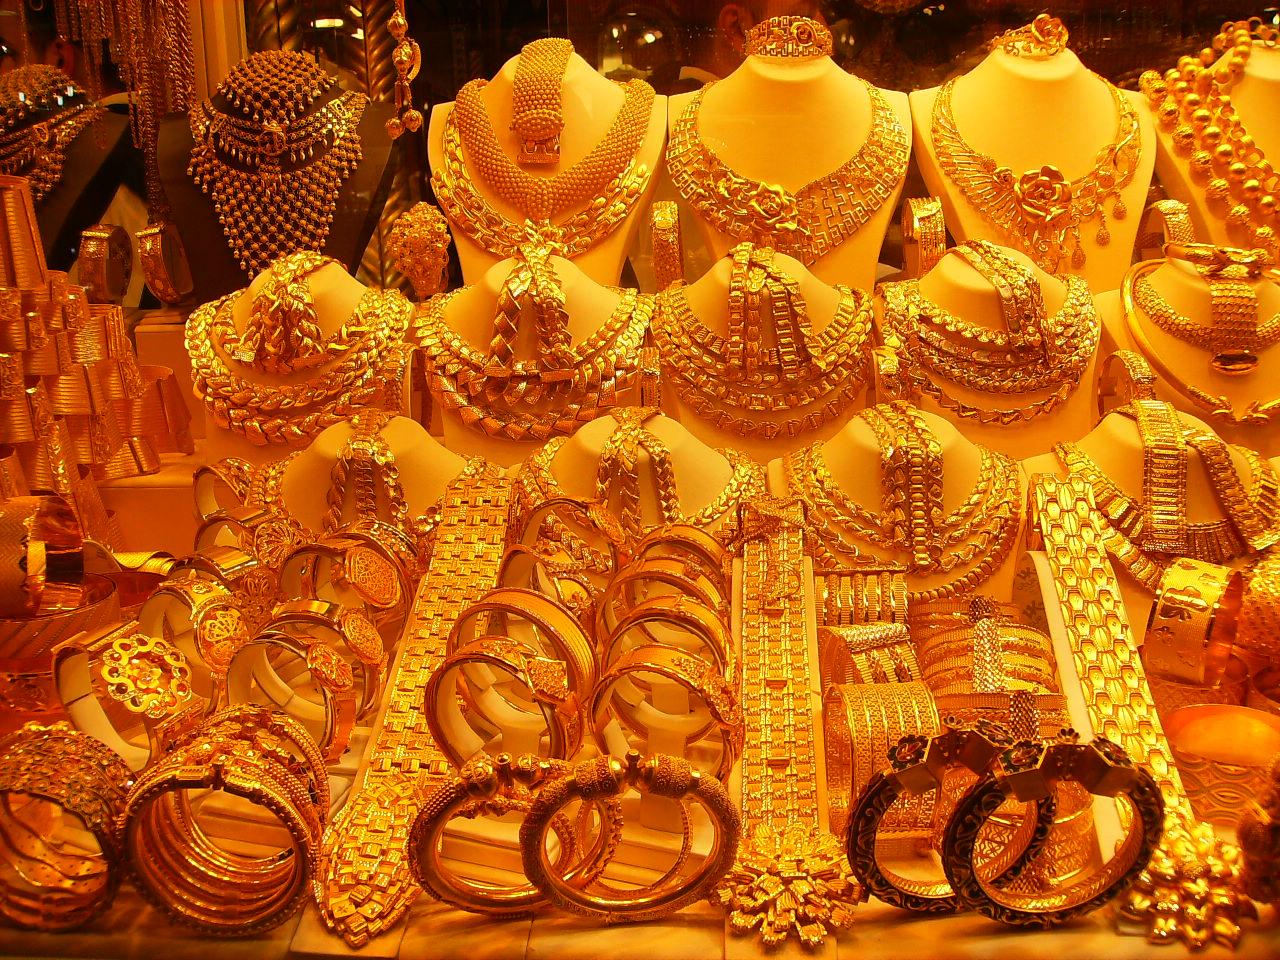 दिल्लीत 99.9 टक्के शुद्ध सोन्याची किंमत 80 रुपयांनी कमी होऊन 35,870  रुपये झालीय. तर 99.5 टक्के शुद्ध सोन्याची किंमत 35,700 रुपये प्रति 10 ग्रॅम झालीय.